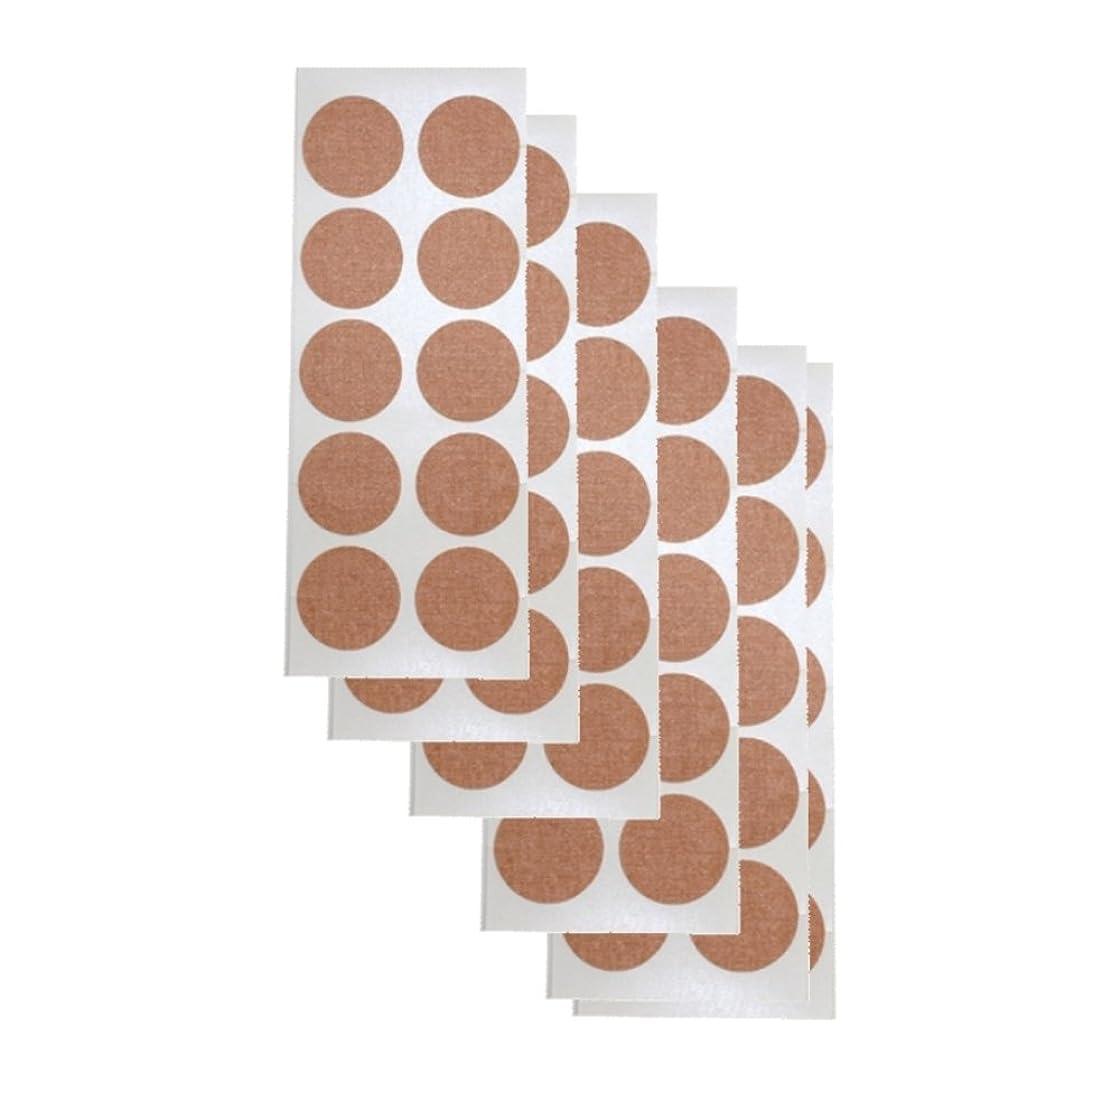 適度にサイズに対応TQチップ 貼り替え用専用シール 効果は半永久的!貼っただけで心身のバランスがとれるTQチップ専用